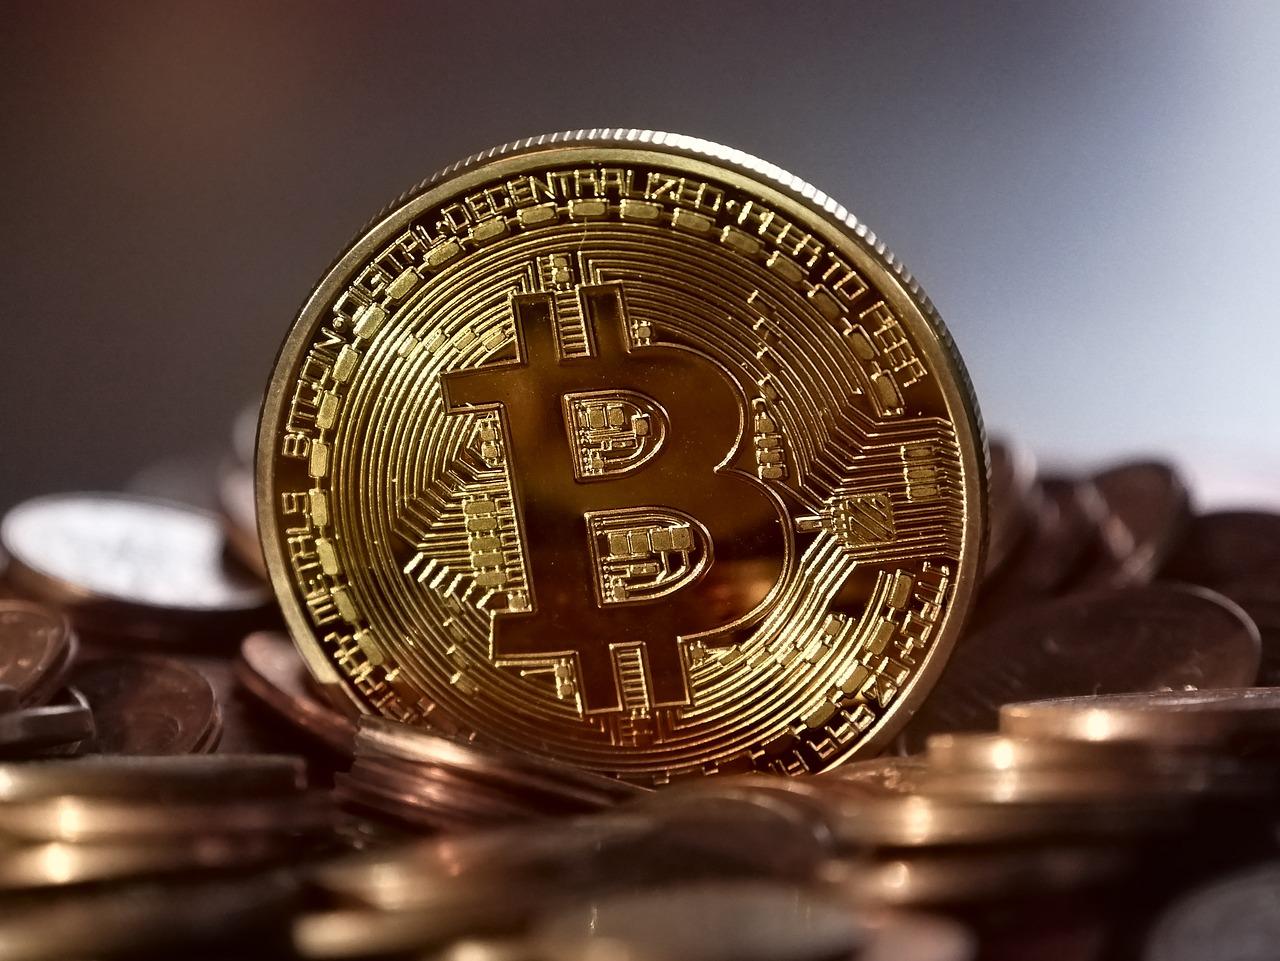 5297057cdd Questa è una delle domande più frequenti che gli investitori ma anche la  gente comune che non sa nulla di finanza si pone sulla criptovaluta più  famosa al ...